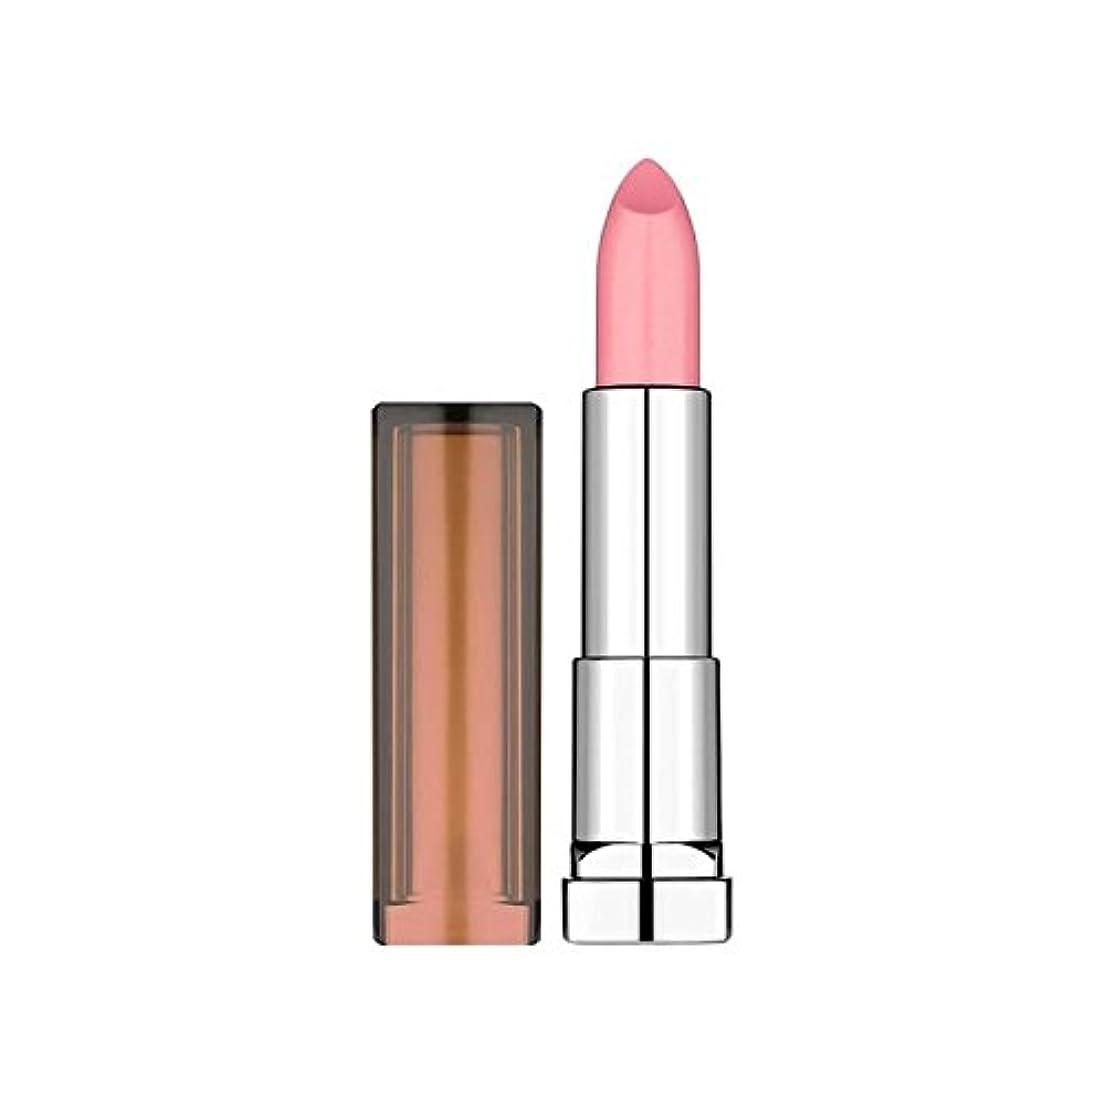 姪牽引ブラジャーMaybelline Color Sensational Nudes Lipstick 107 Fairly Bare - メイベリンカラーセンセーショナルなヌードは107かなり裸の口紅 [並行輸入品]